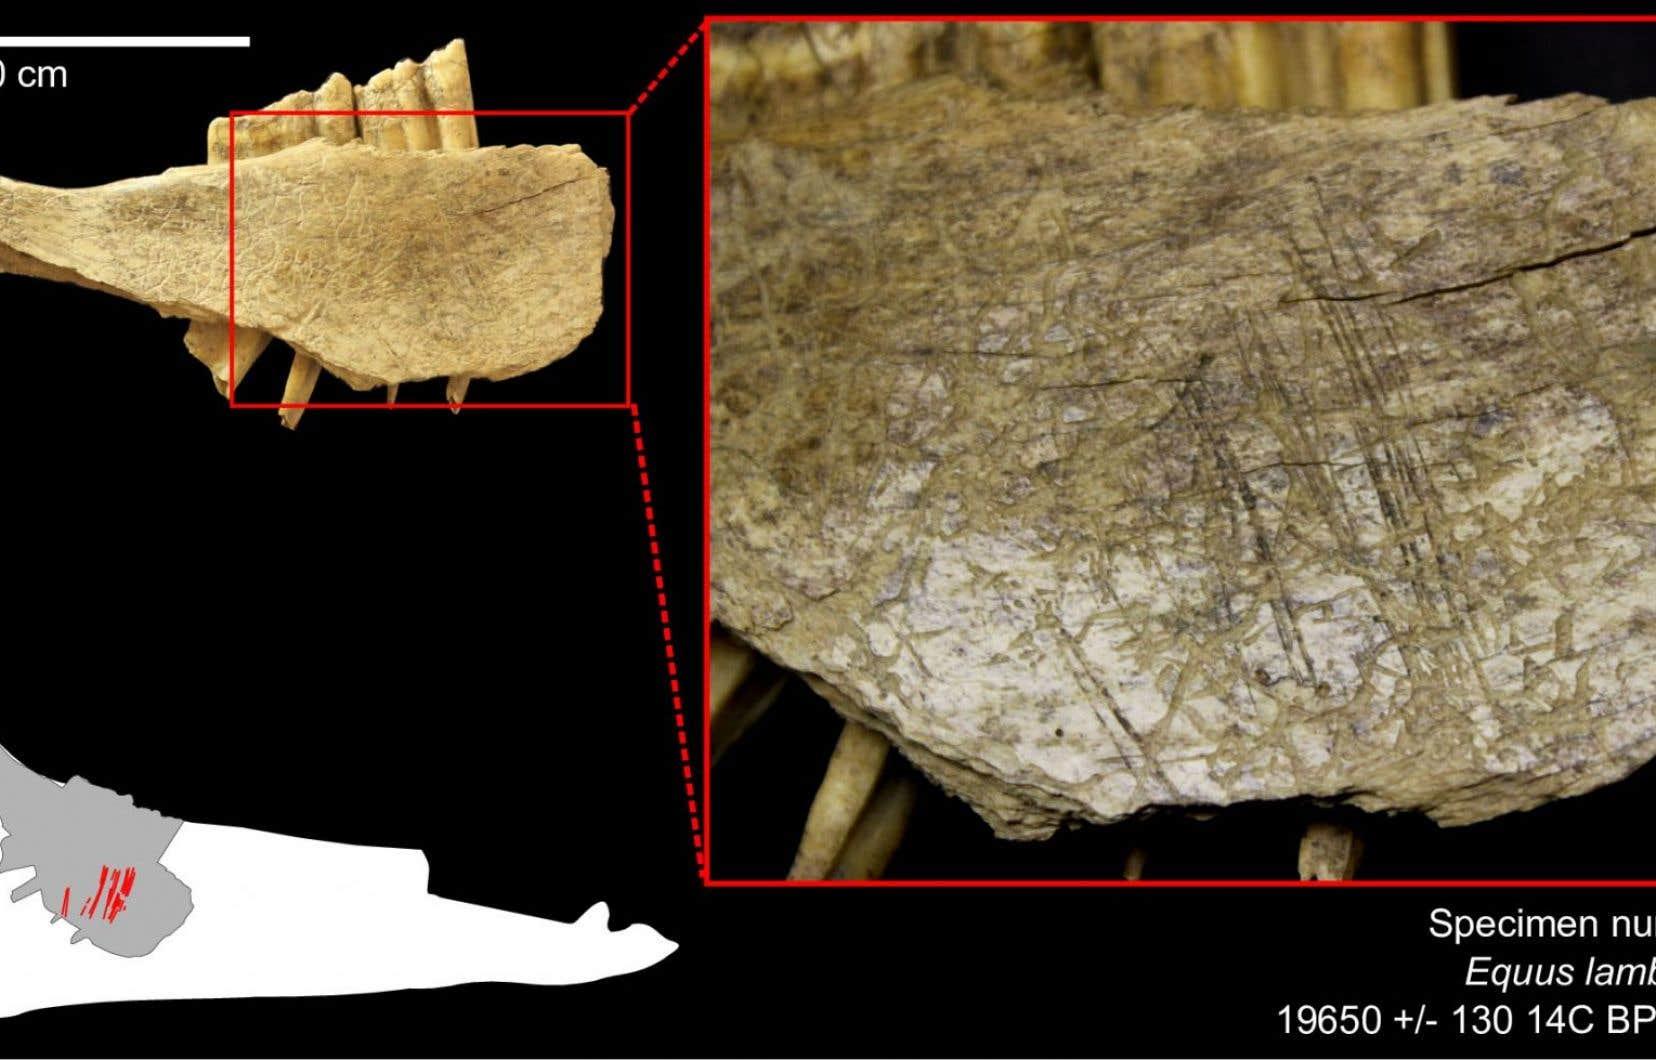 Mandibule de cheval provenant du site des grottes du Poisson-Bleu, dans le Yukon. Il contient de nombreuses traces de découpes droites et parallèles, qui indiquent un prélèvement de chair effectué à l'aide d'un outil de pierre taillé.